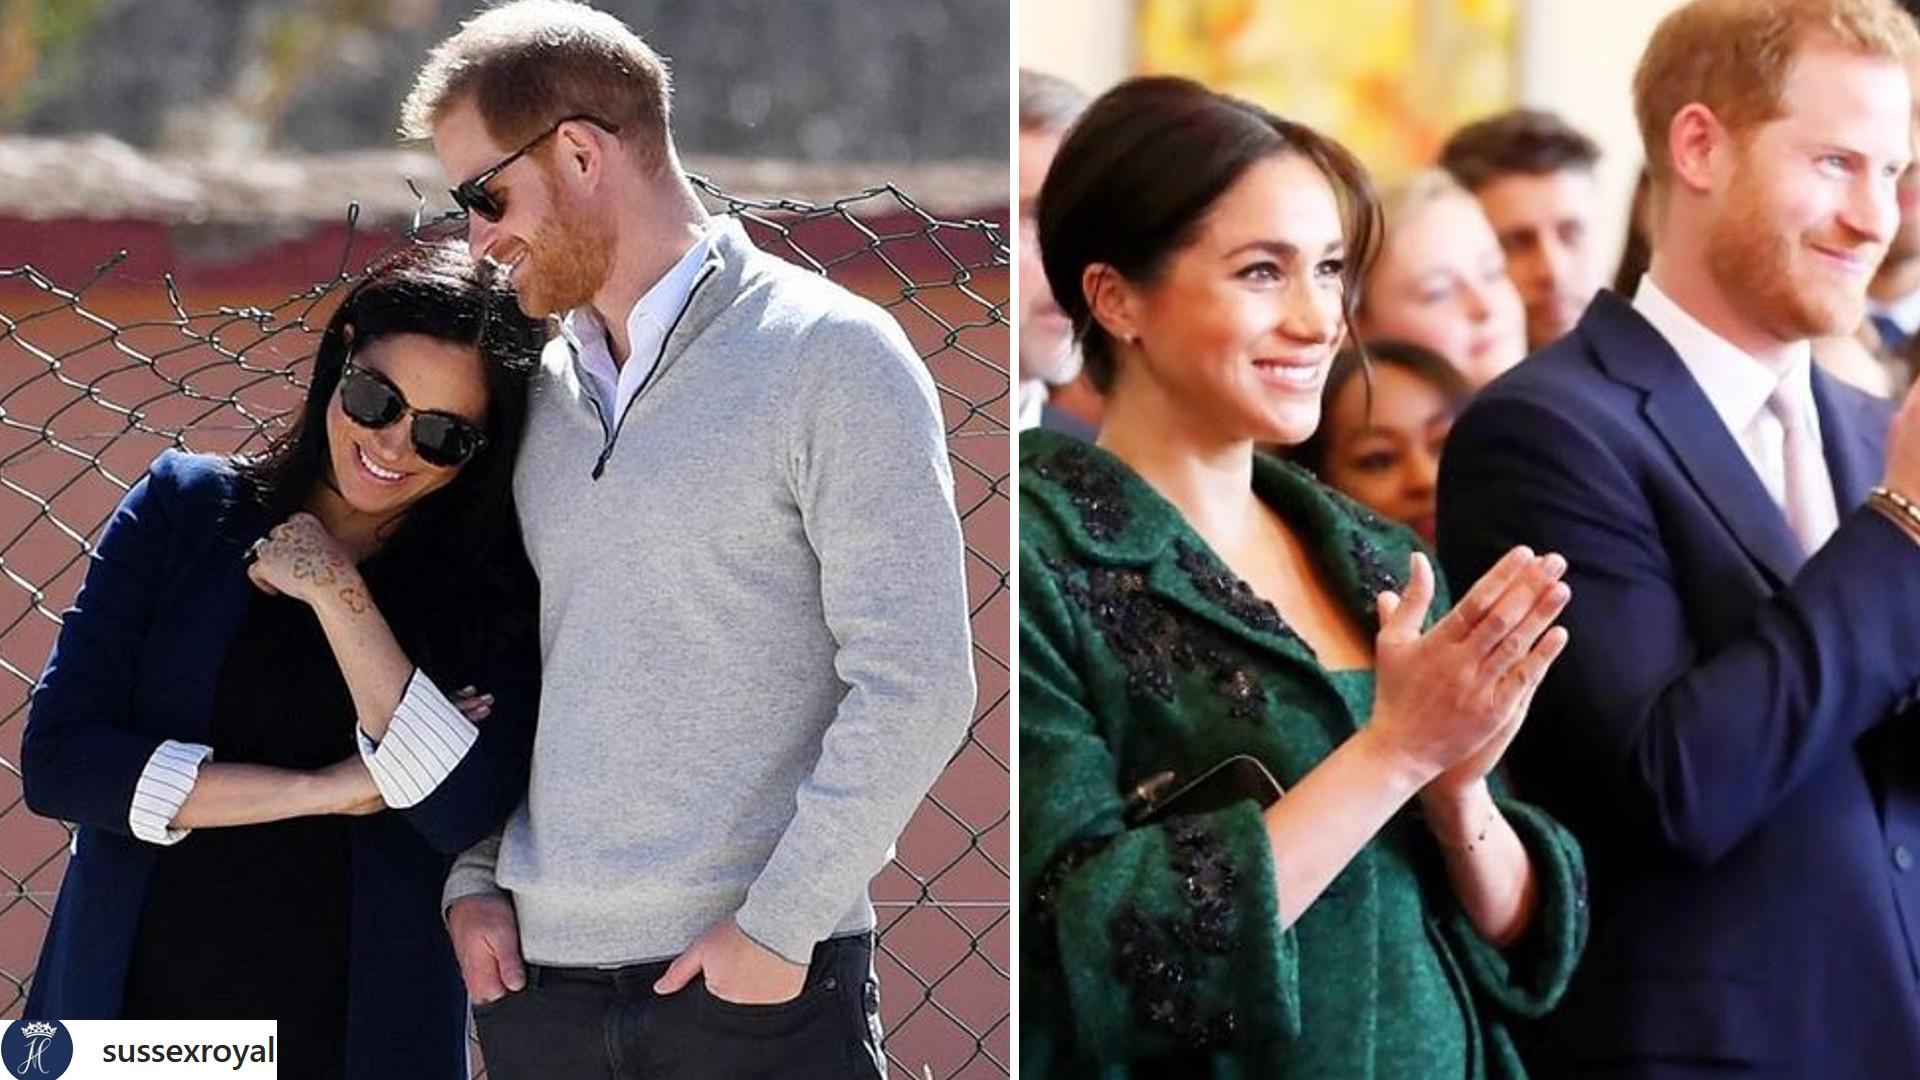 Nowy post na Instagramie księżnej Meghan i księcia Harry'ego wywołał PORUSZENIE – wspomnieli w nim o dziecku